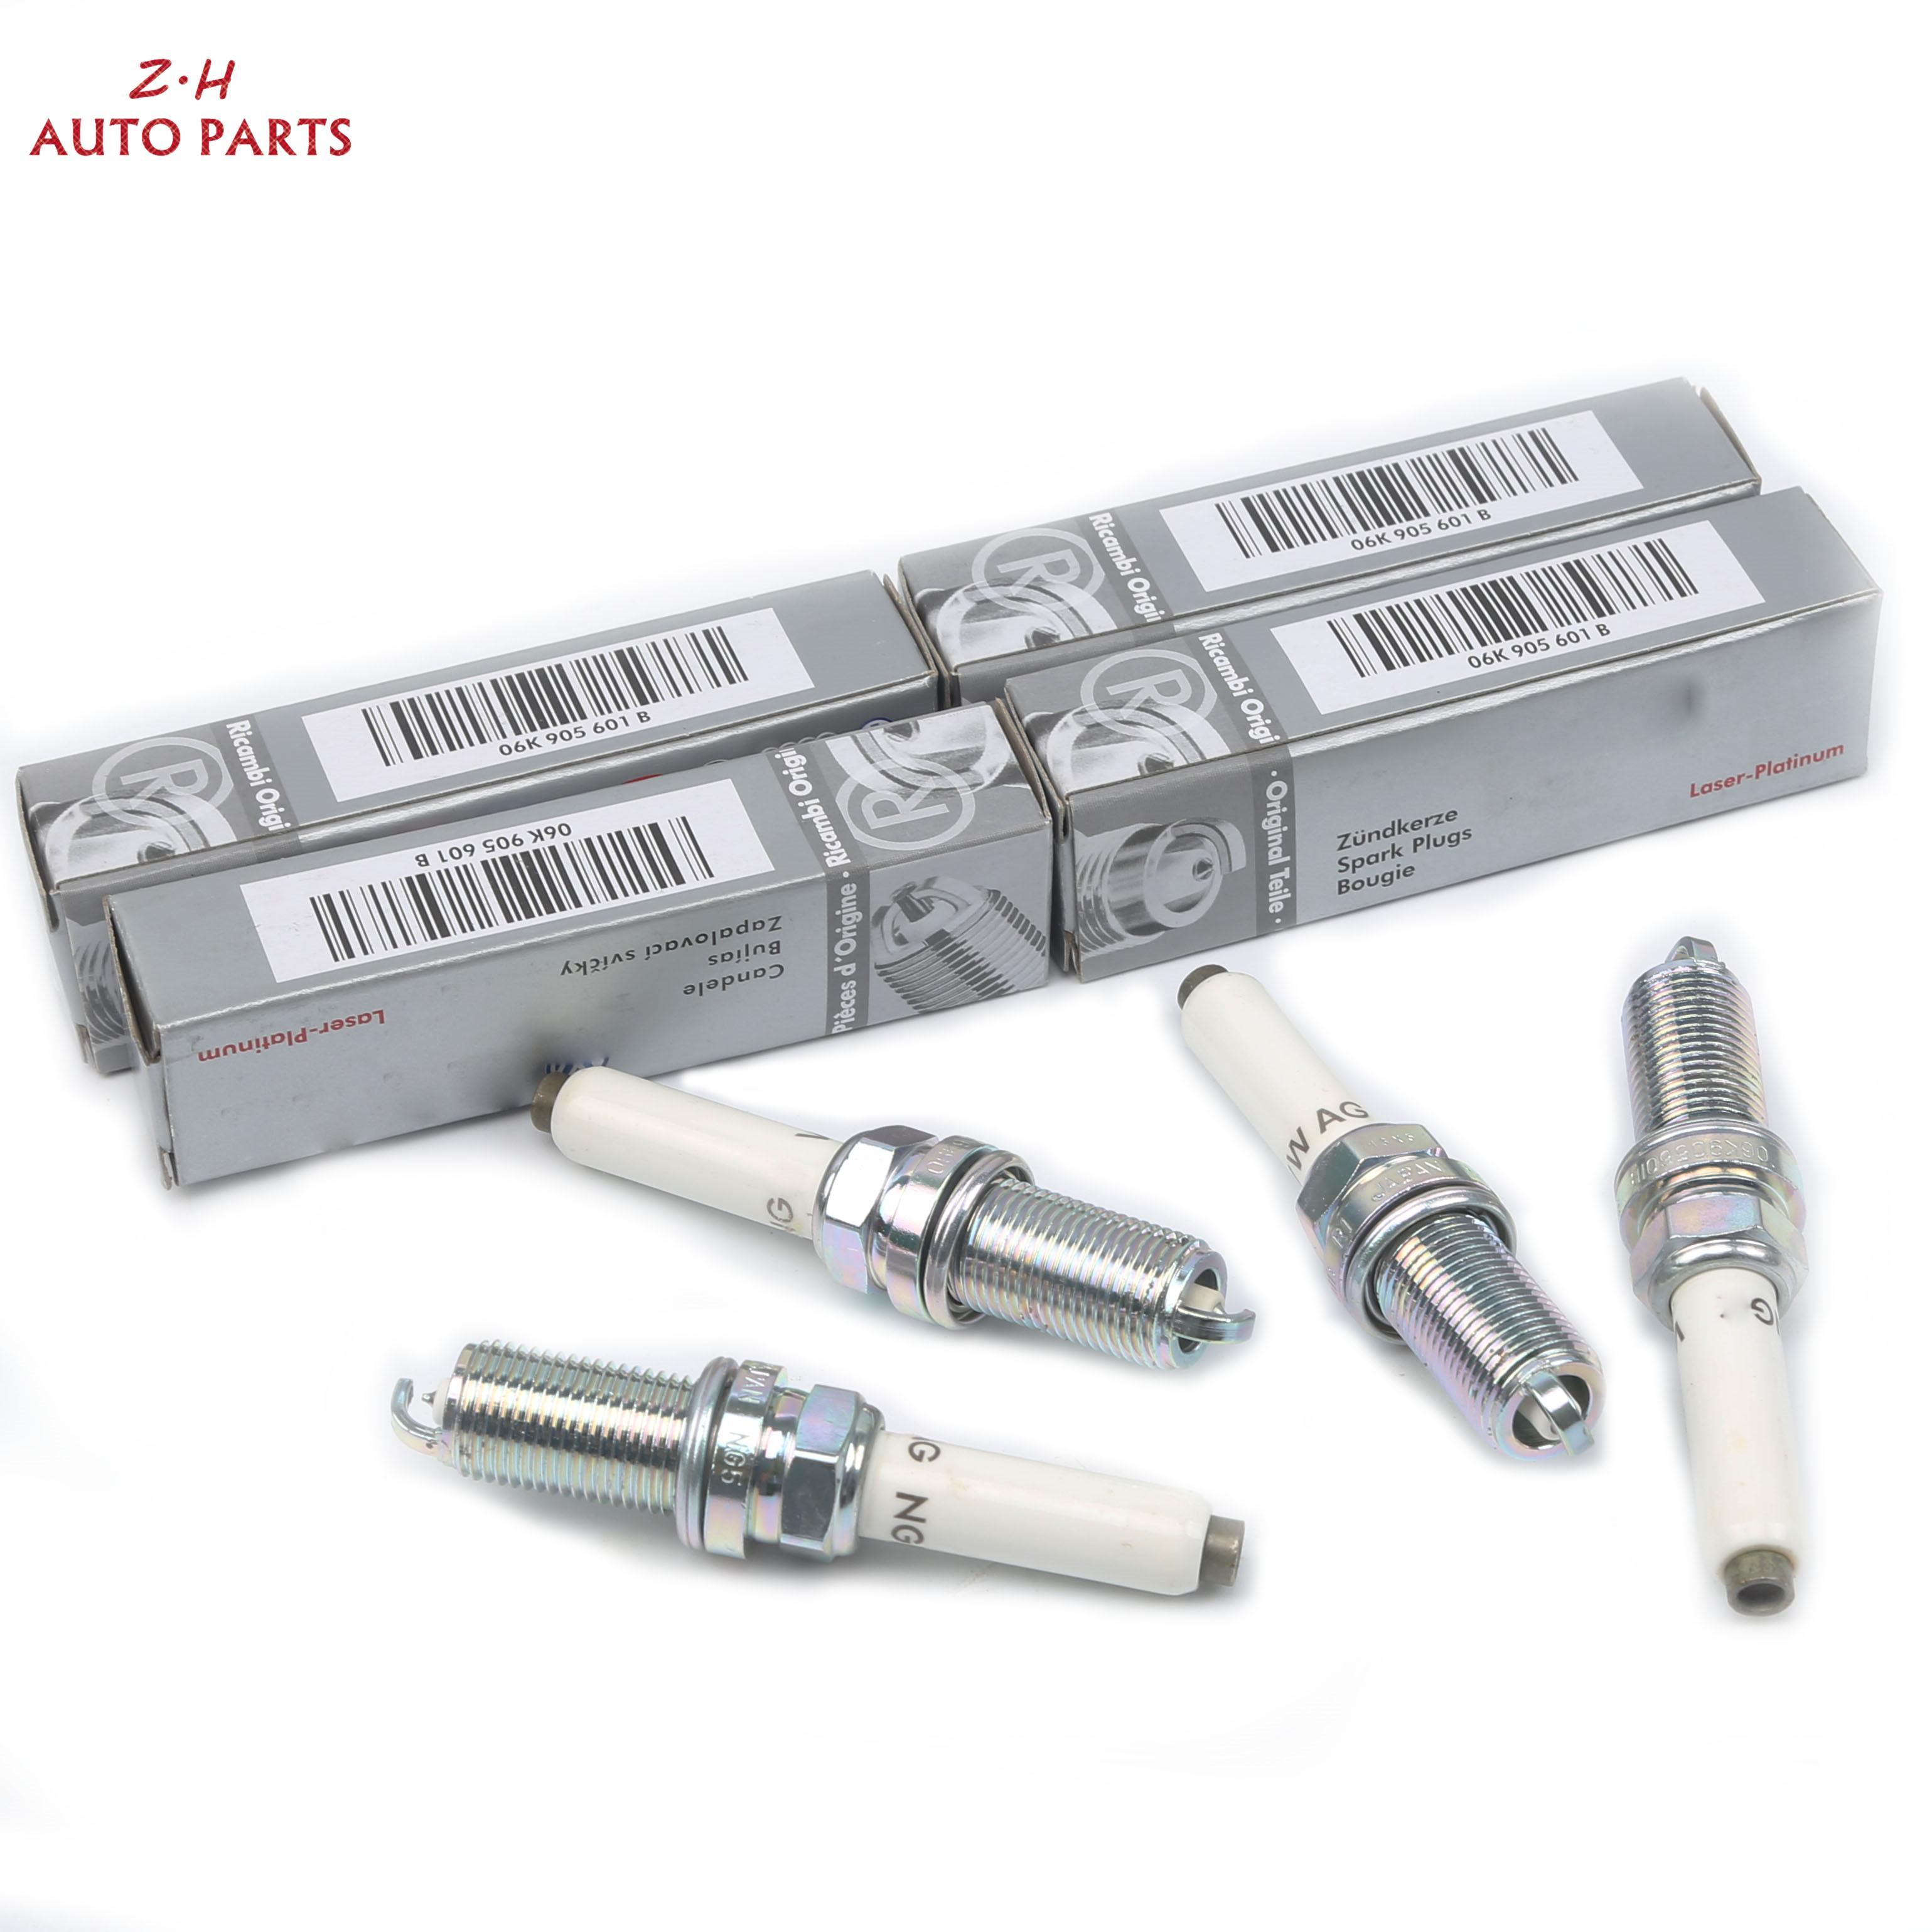 Купить новый набор лазерных платиновых свечей зажигания для audi a4